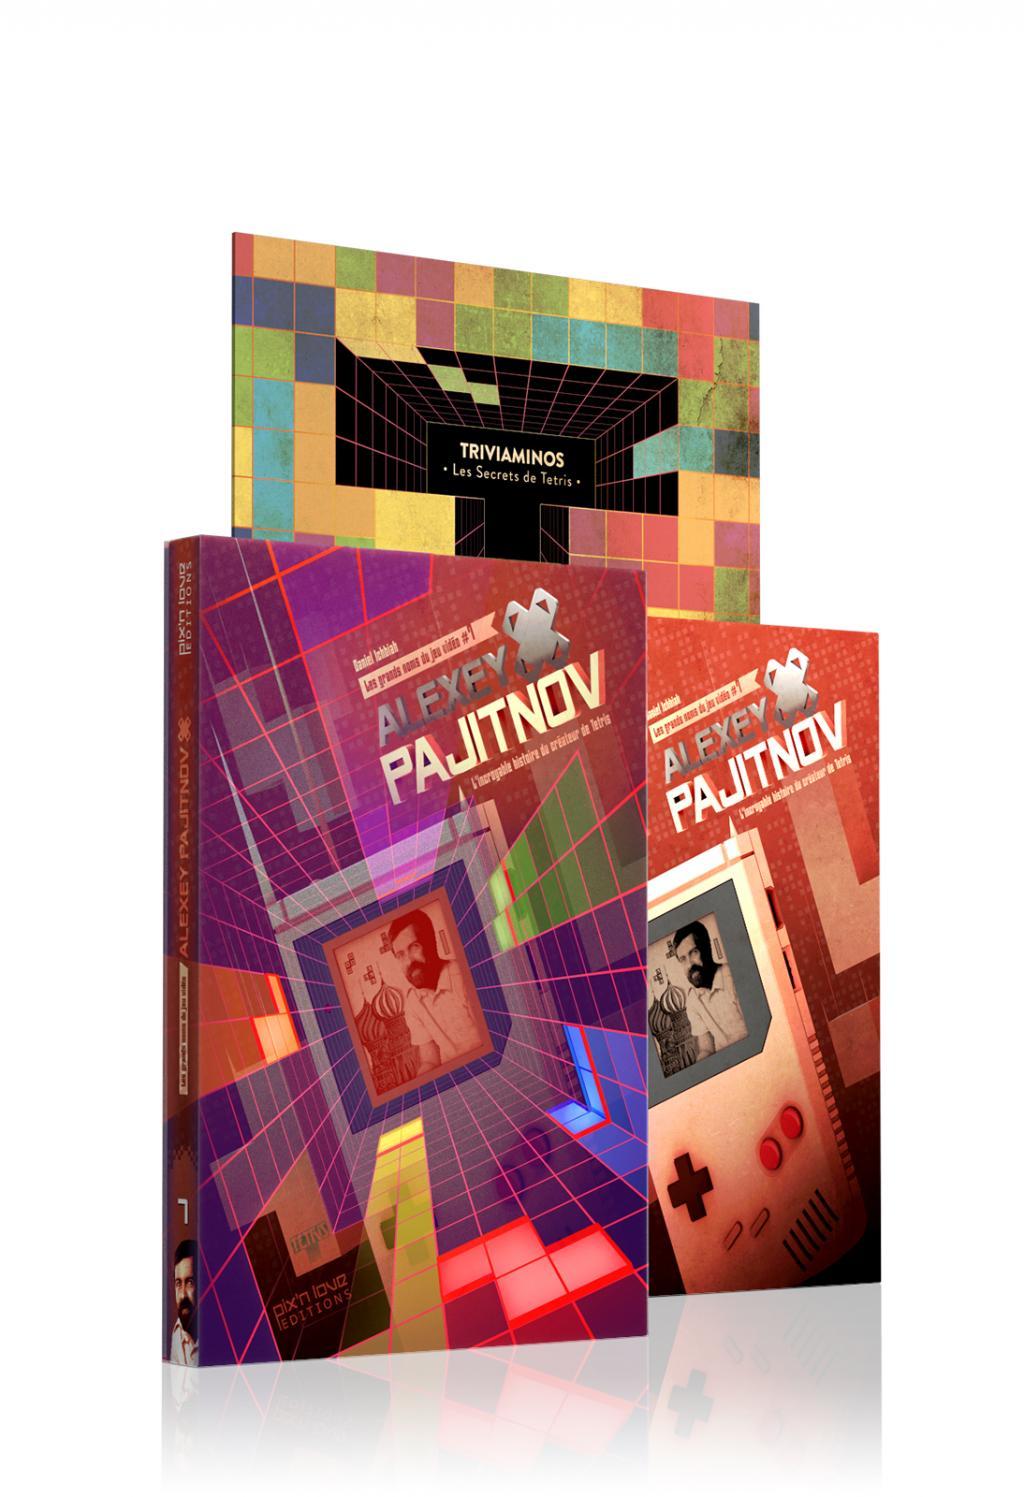 Biographie 08 - Alexey Pajitnov le Créateur de TETRIS - COLLECTOR EDIT